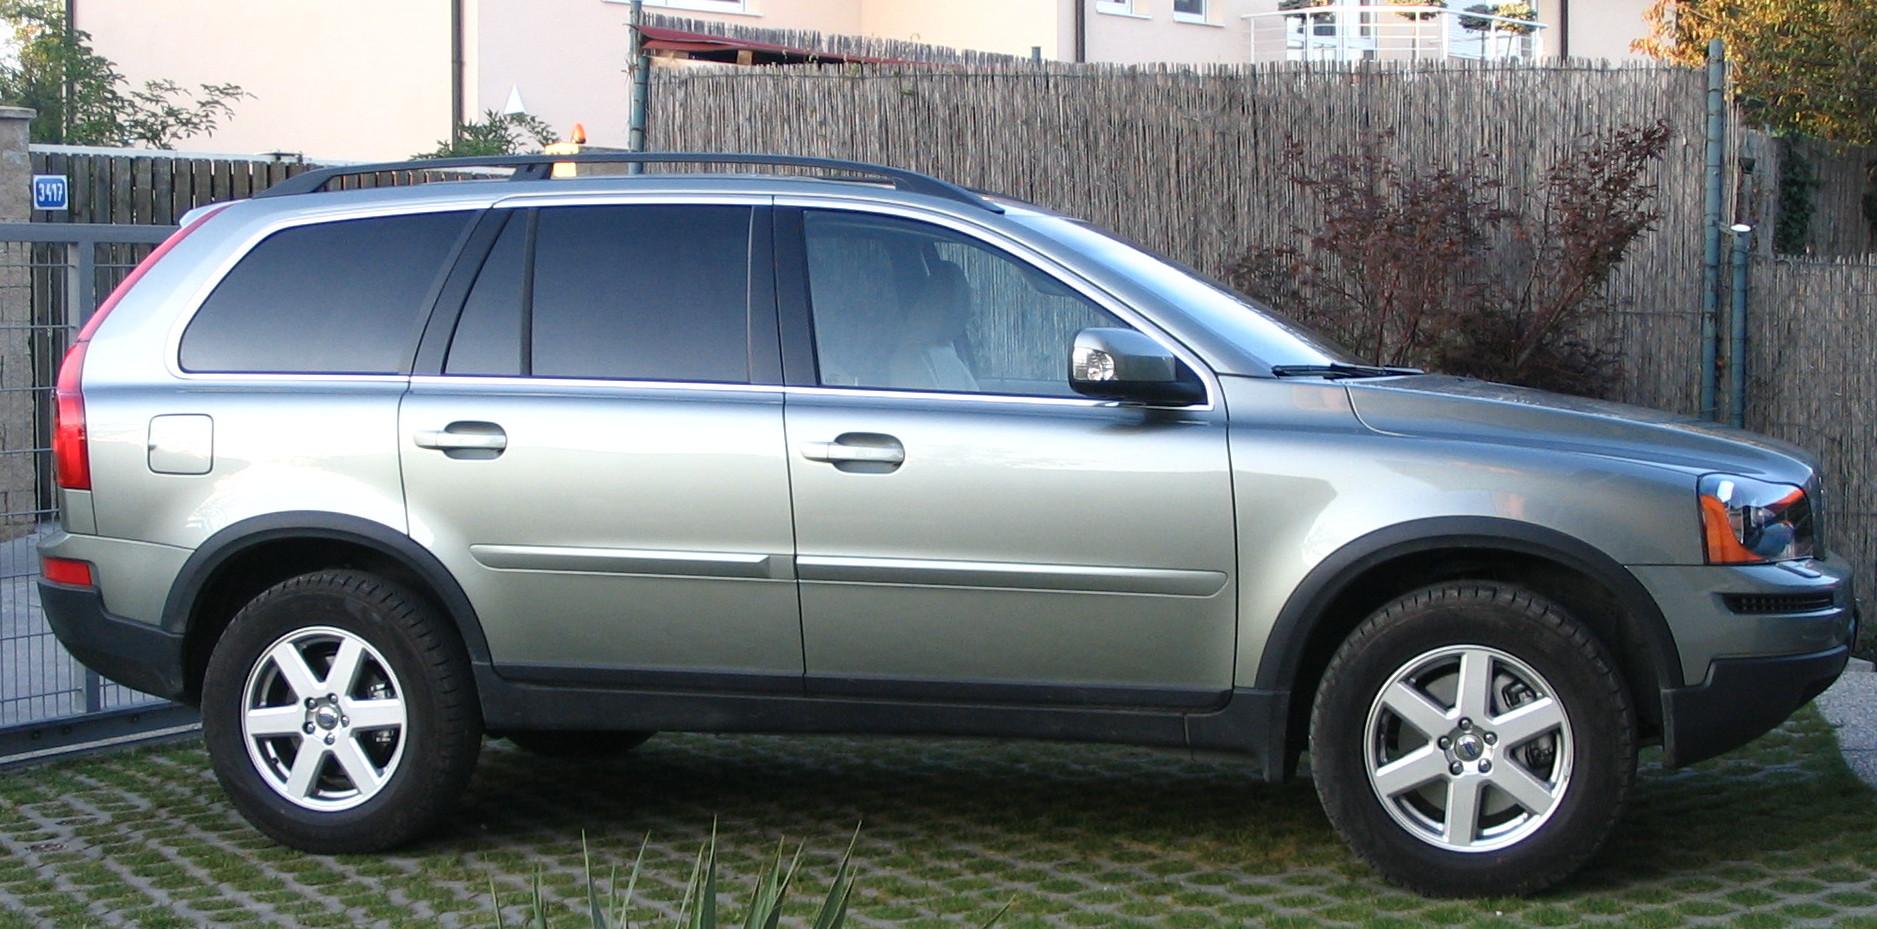 autogeekonline neton a 2004 volvo xc90